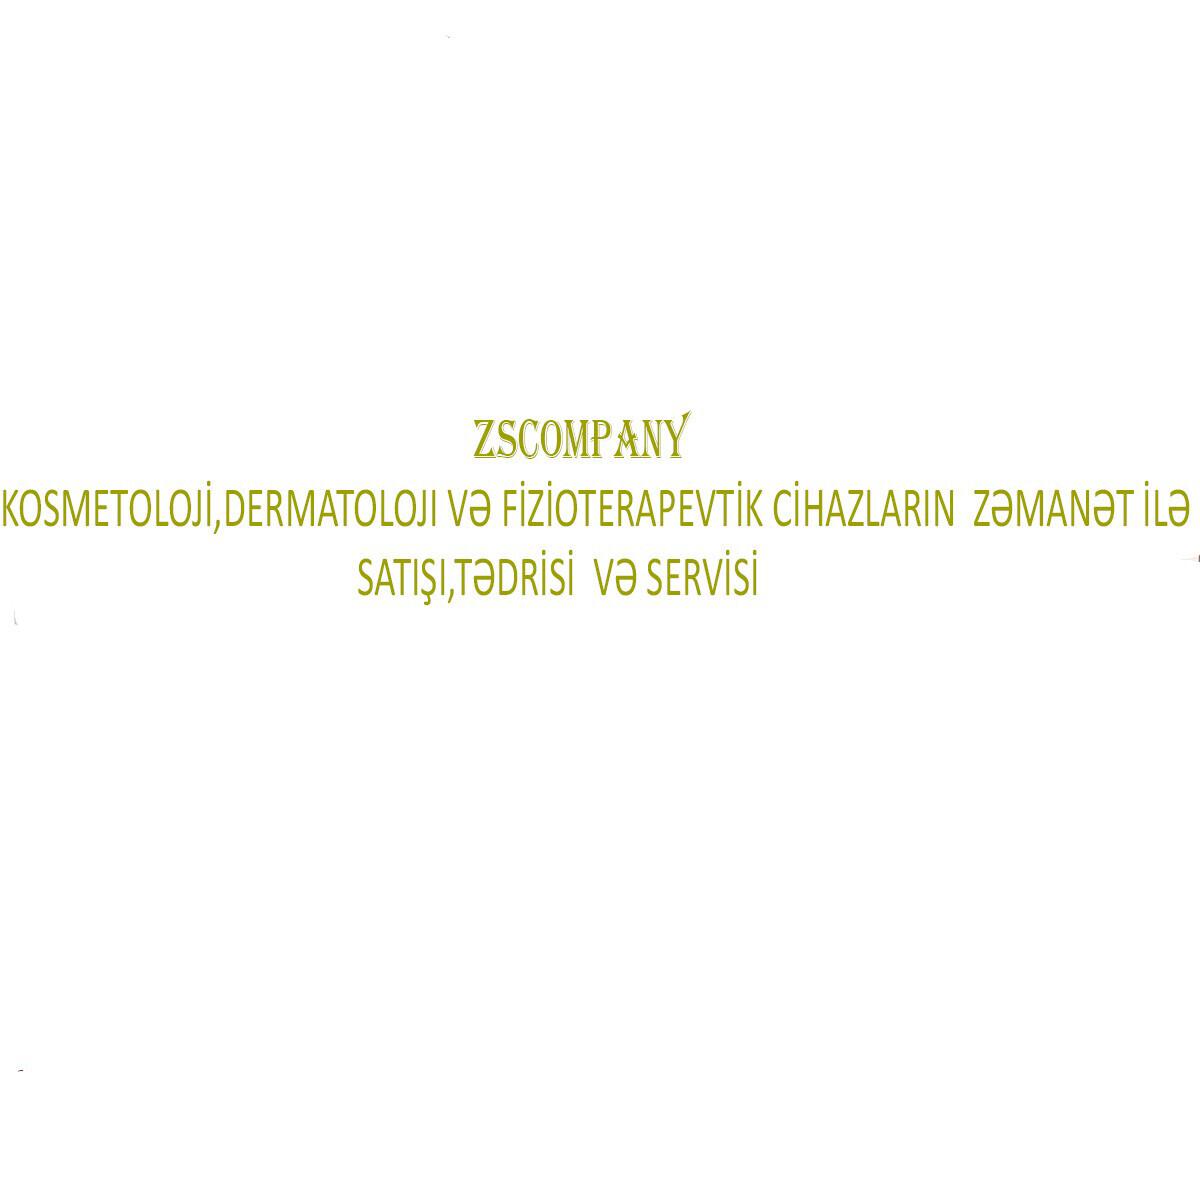 ZSCOMPANY - şirkətin Biznes profili lalafo.az-da   Azərbaycan